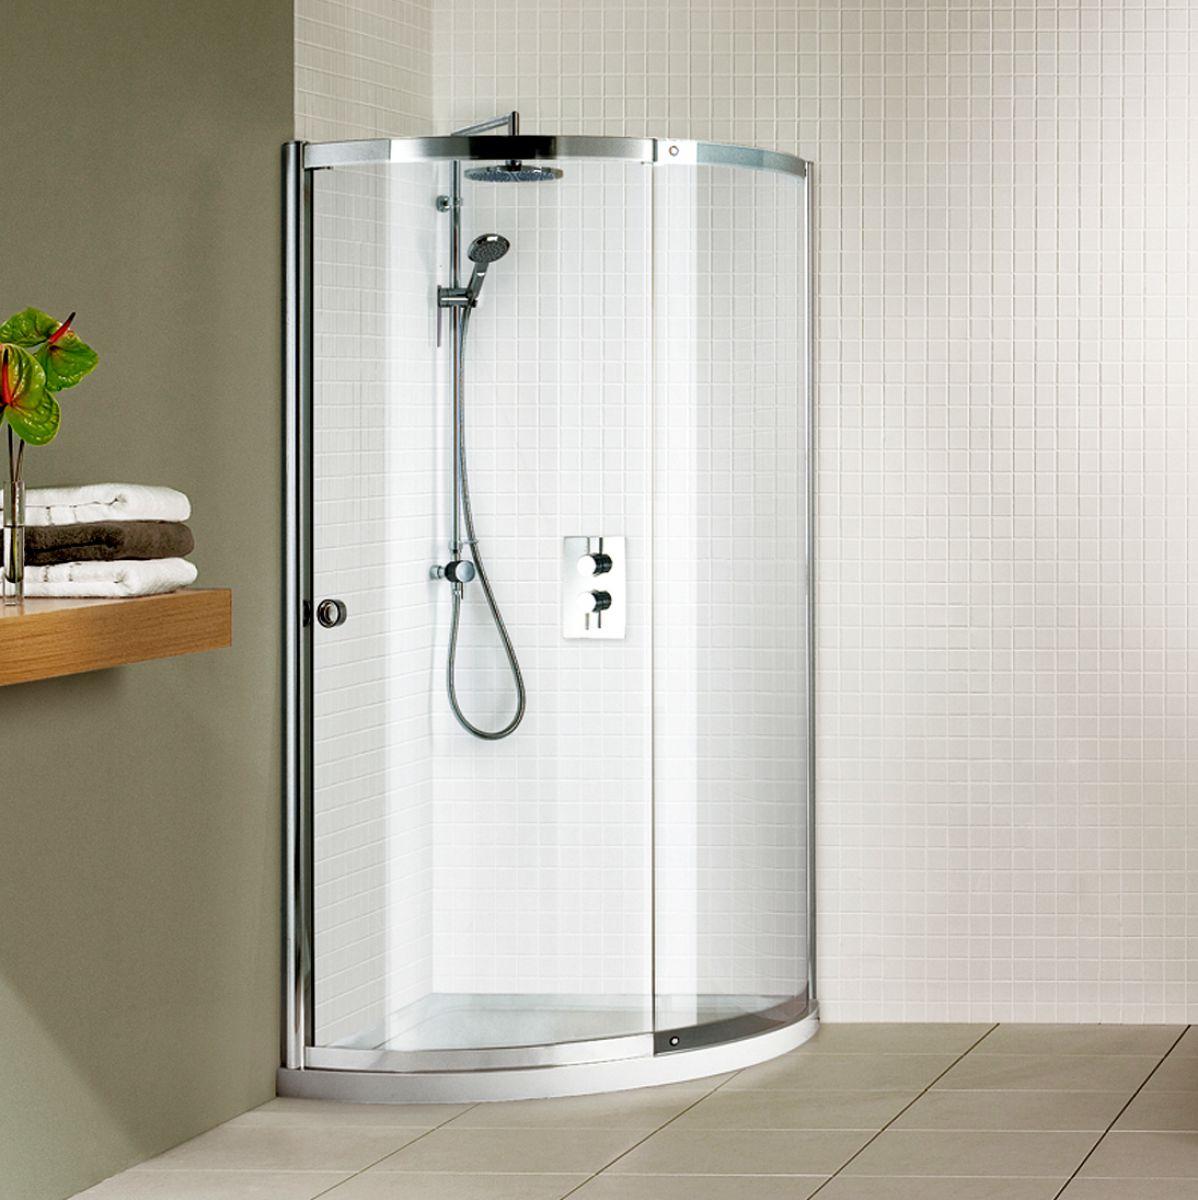 matki colonade curved corner shower quadrant uk bathrooms